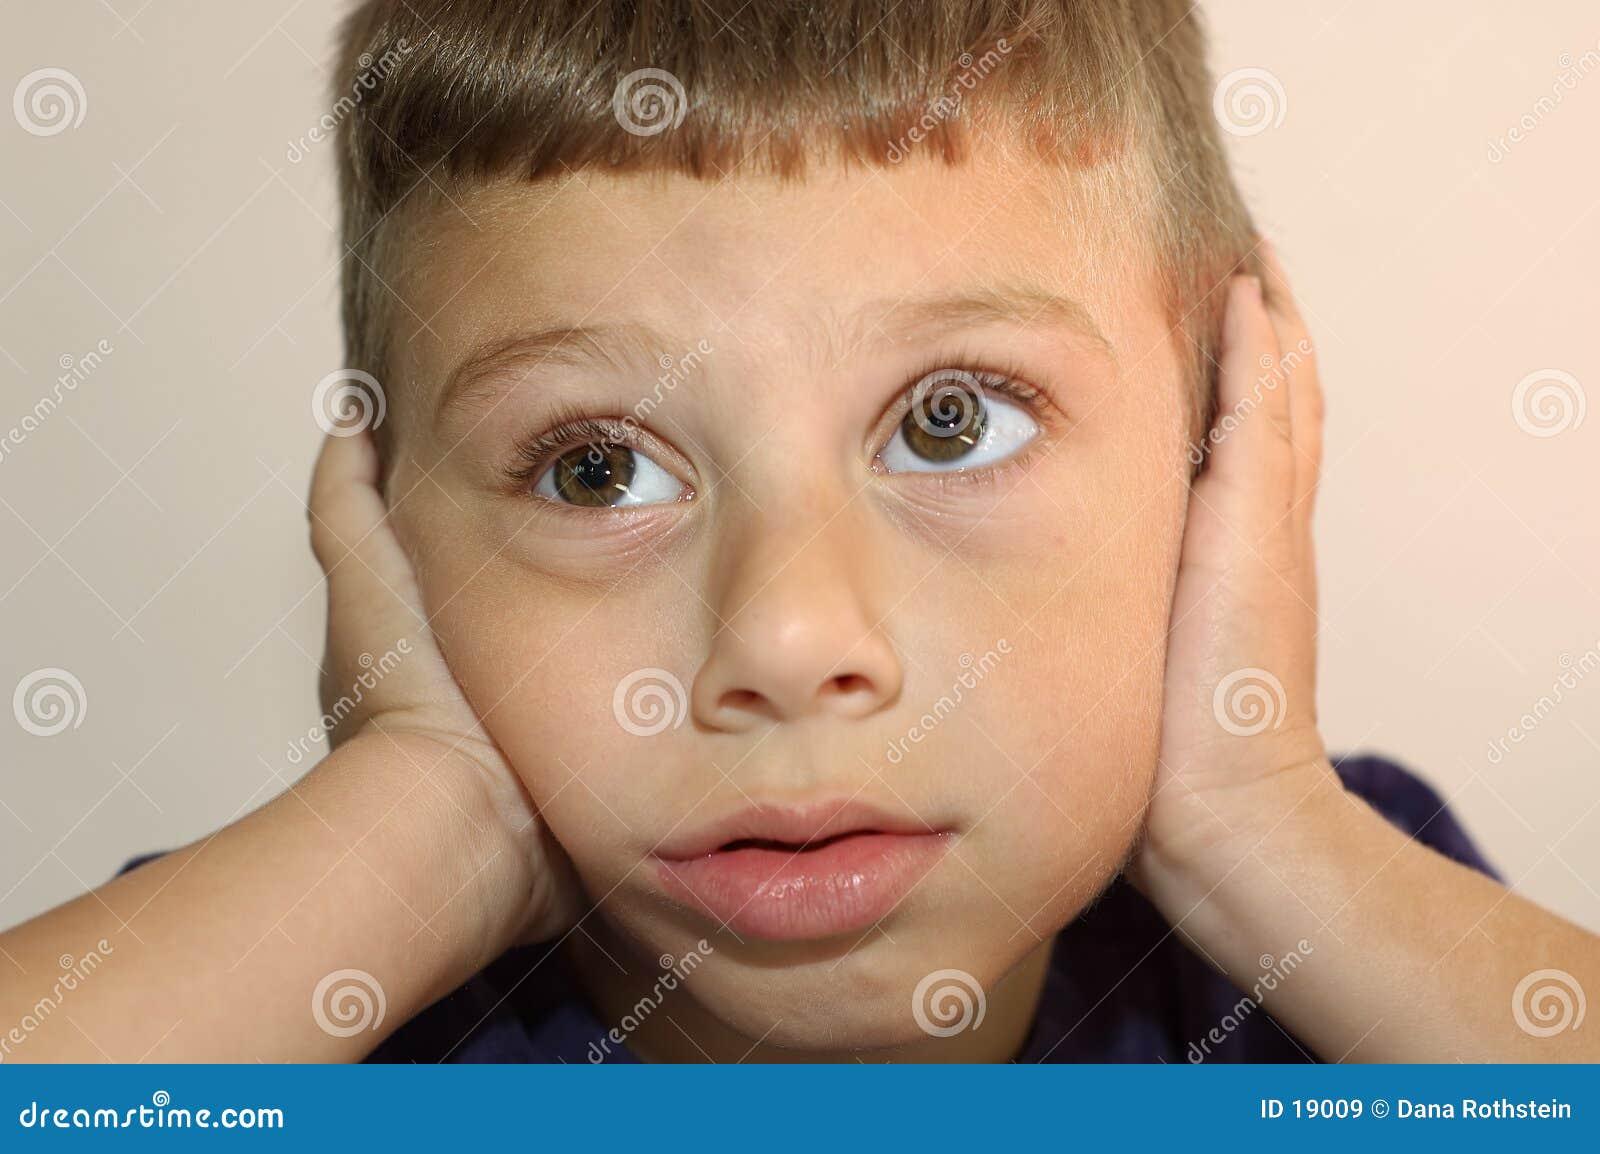 Ik kan niet u horen